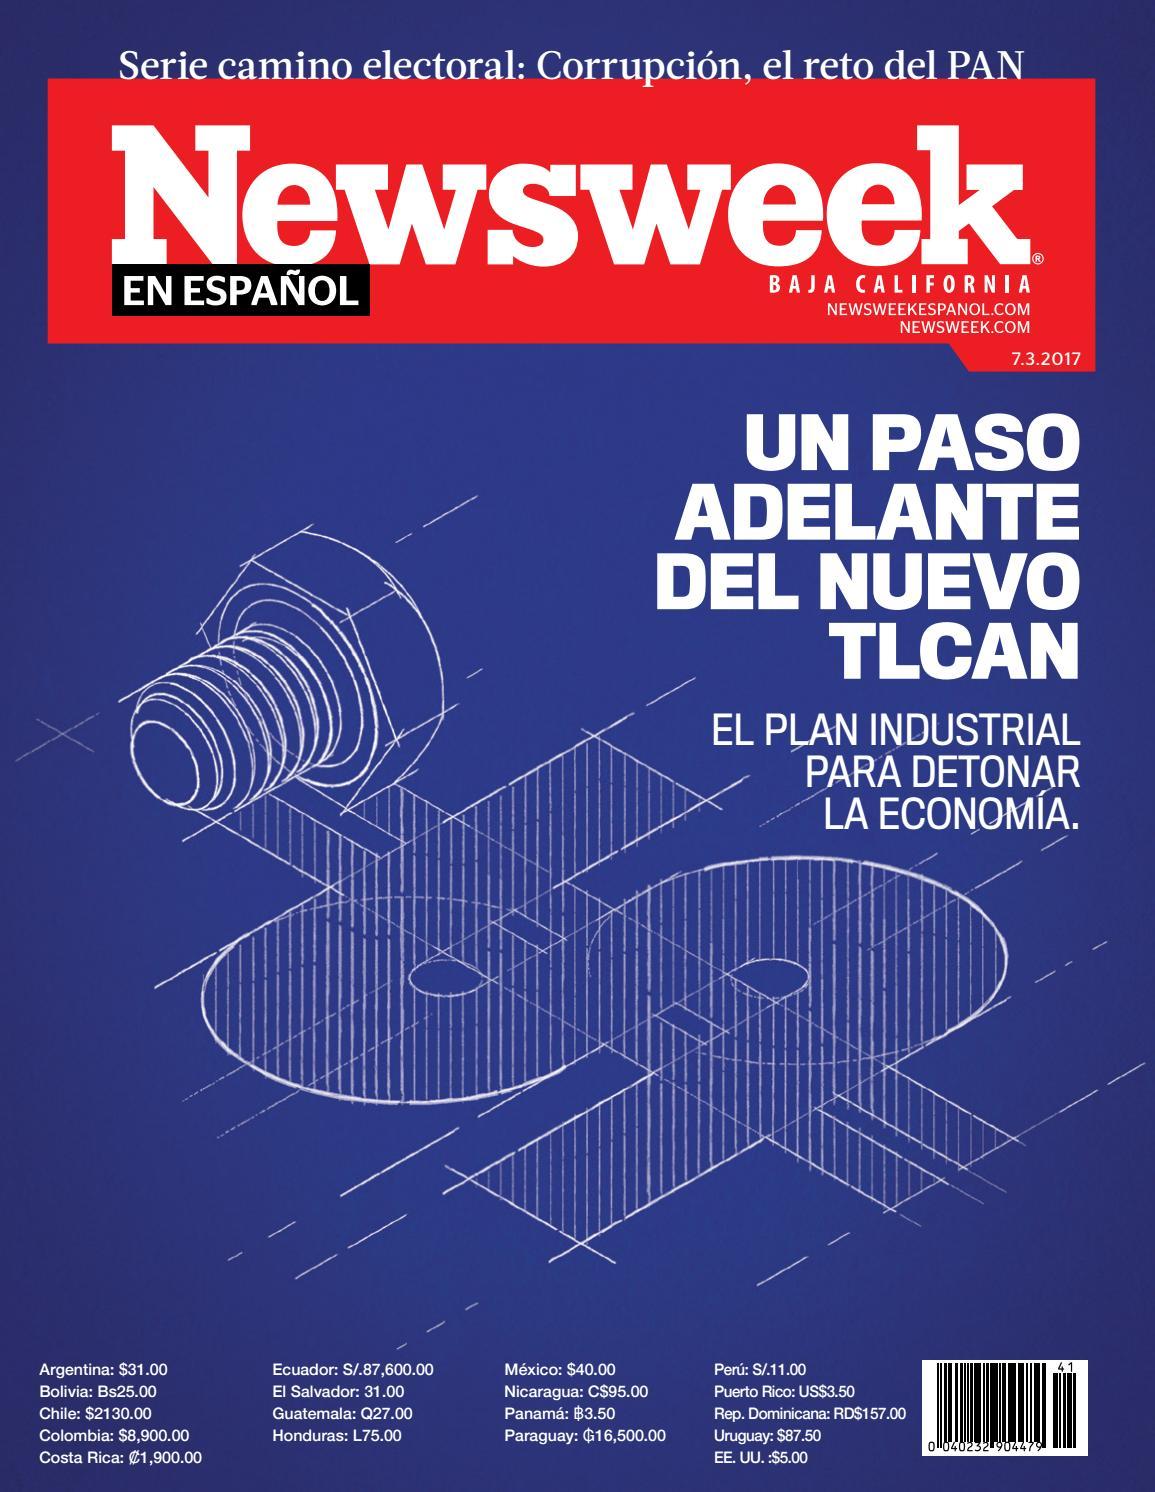 Un paso adelante del nuevo TLCAN by Newsweek Baja - issuu